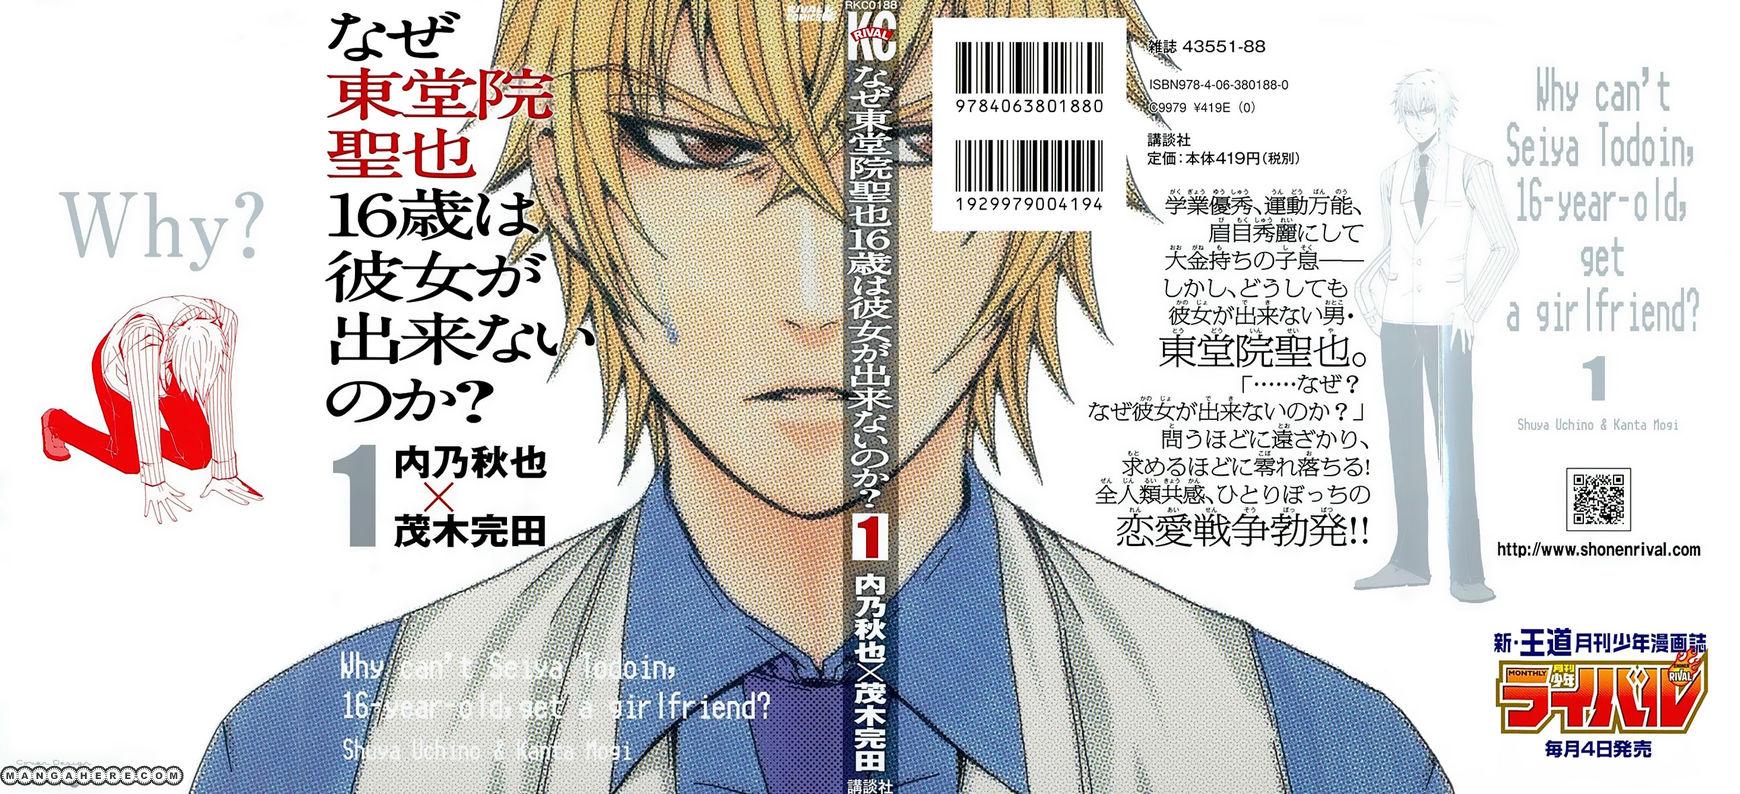 Naze Toudouin Masaya 16-sai wa Kanojo ga Dekinai no ka? 1 Page 1